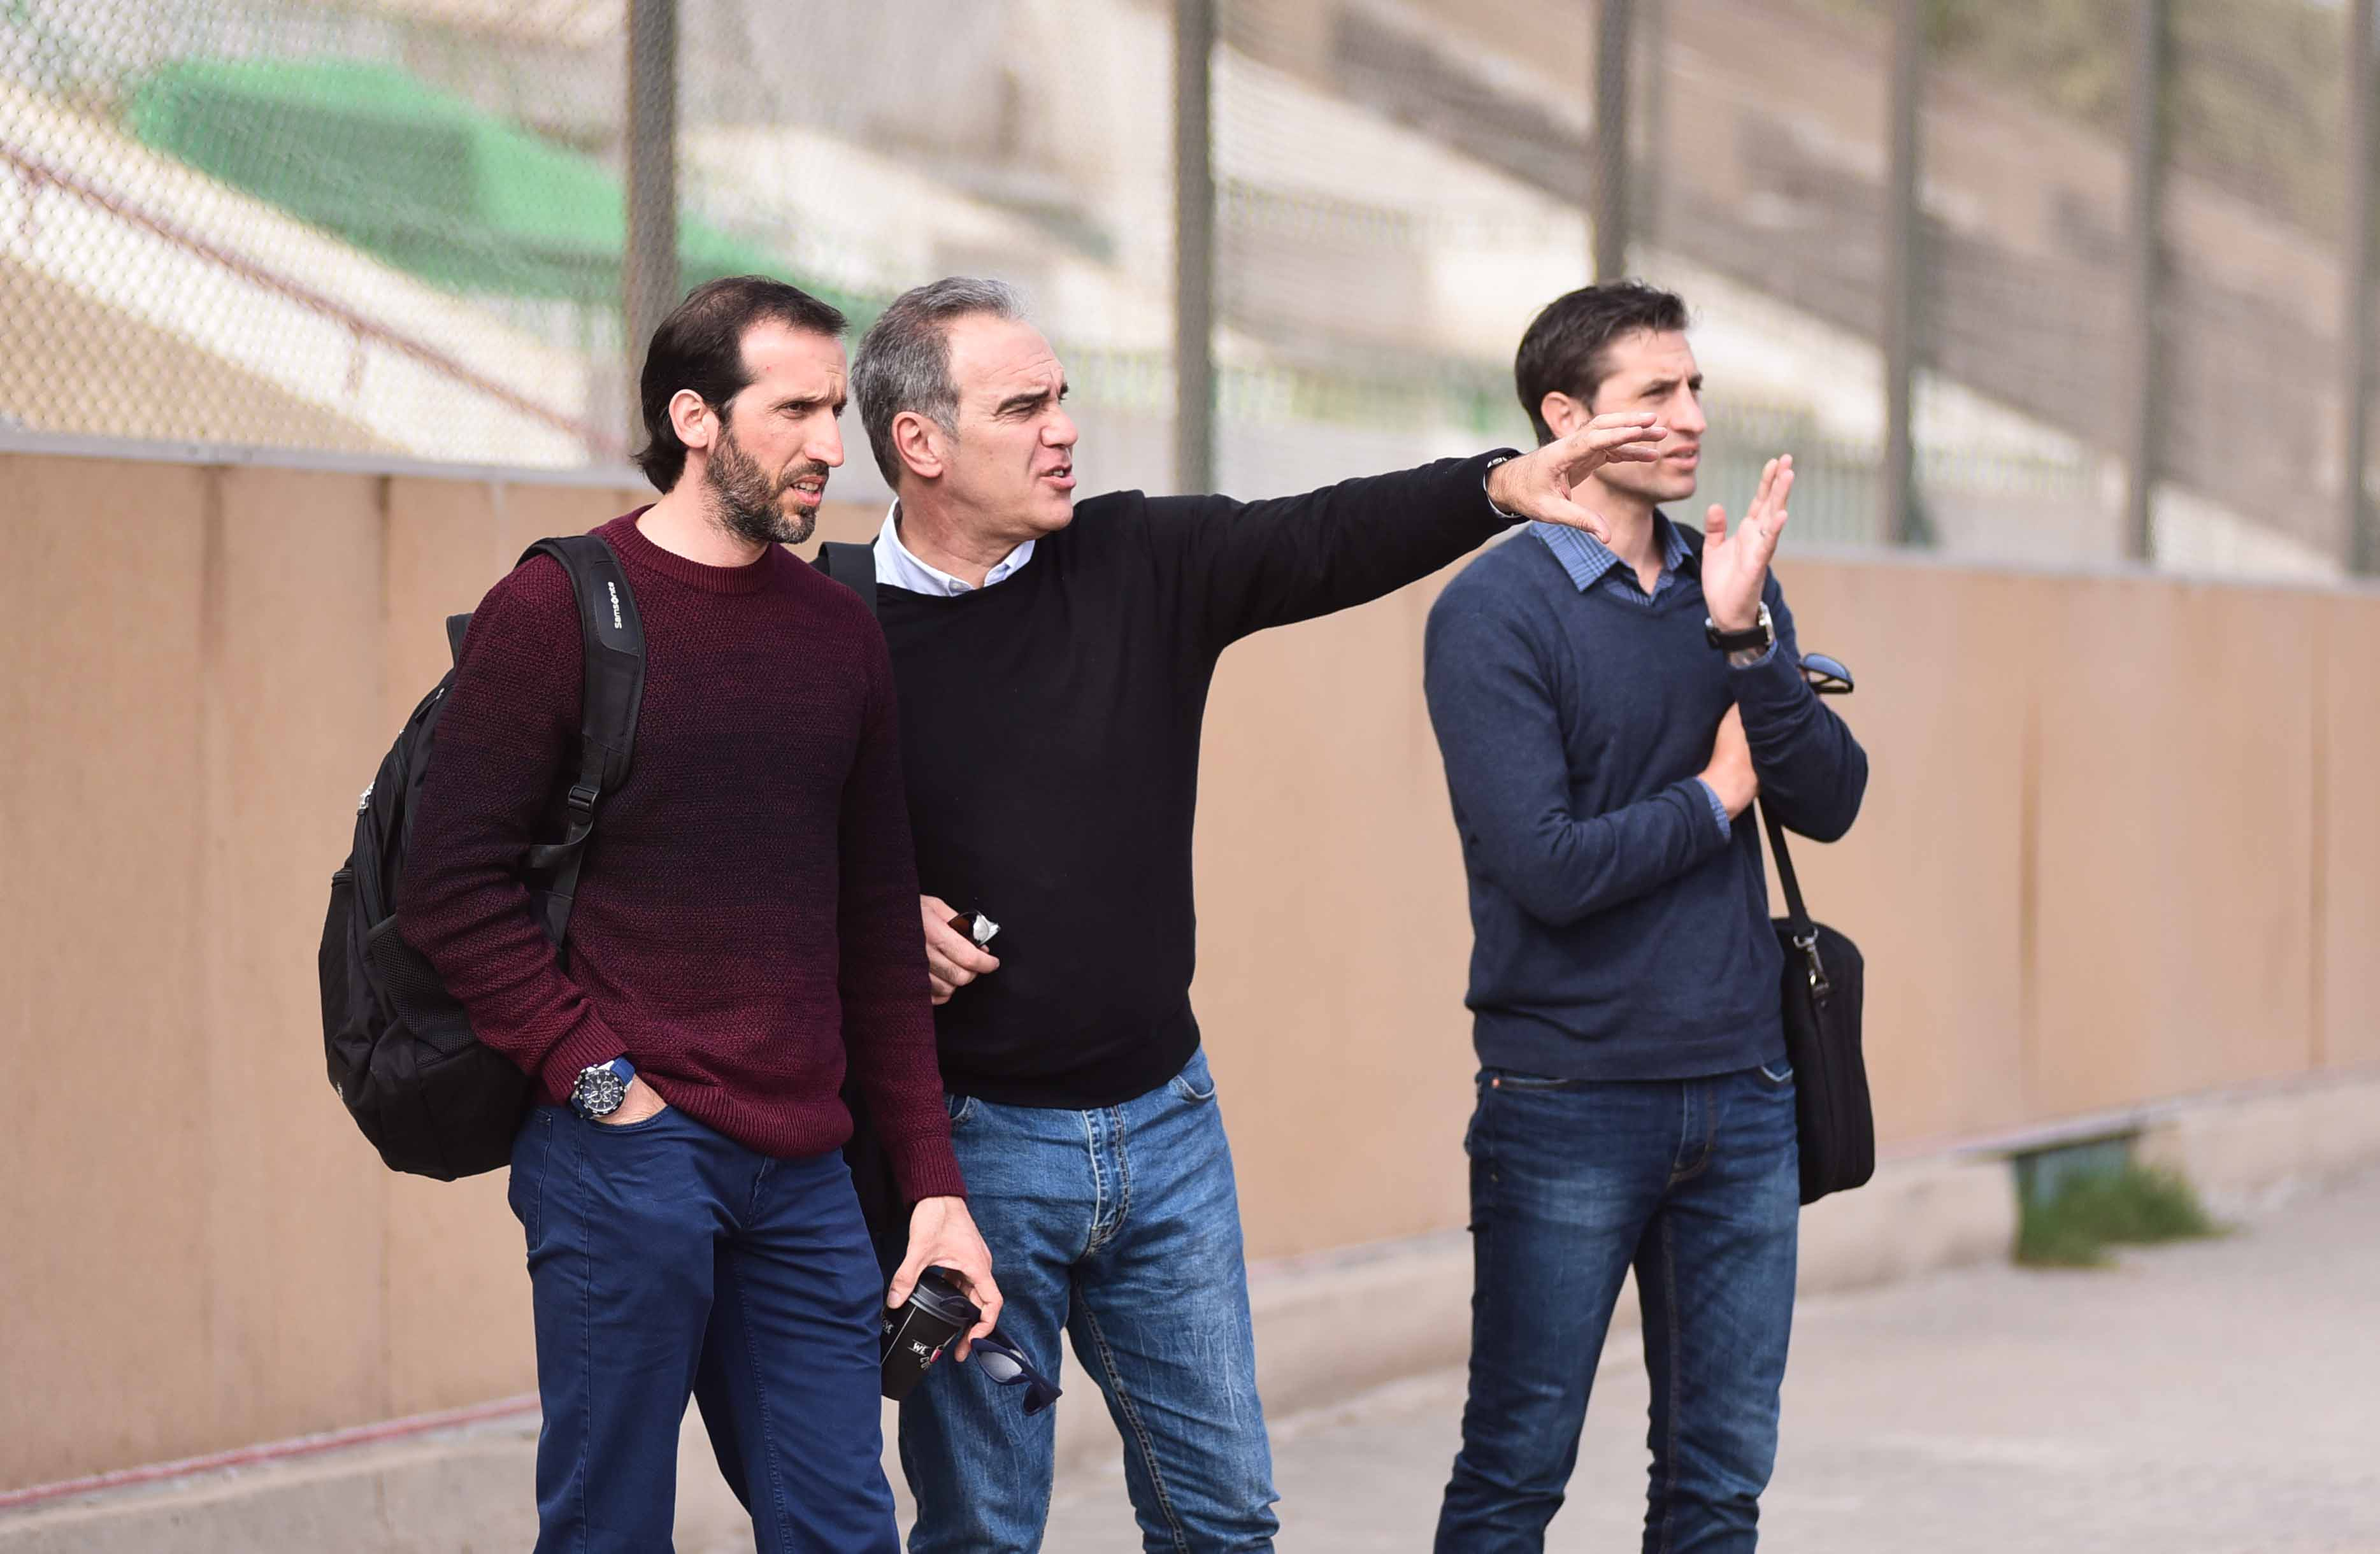 مارتن لاسارتي يعلن قائمة الأهلي لمواجهة سموحة في الدوري المصري